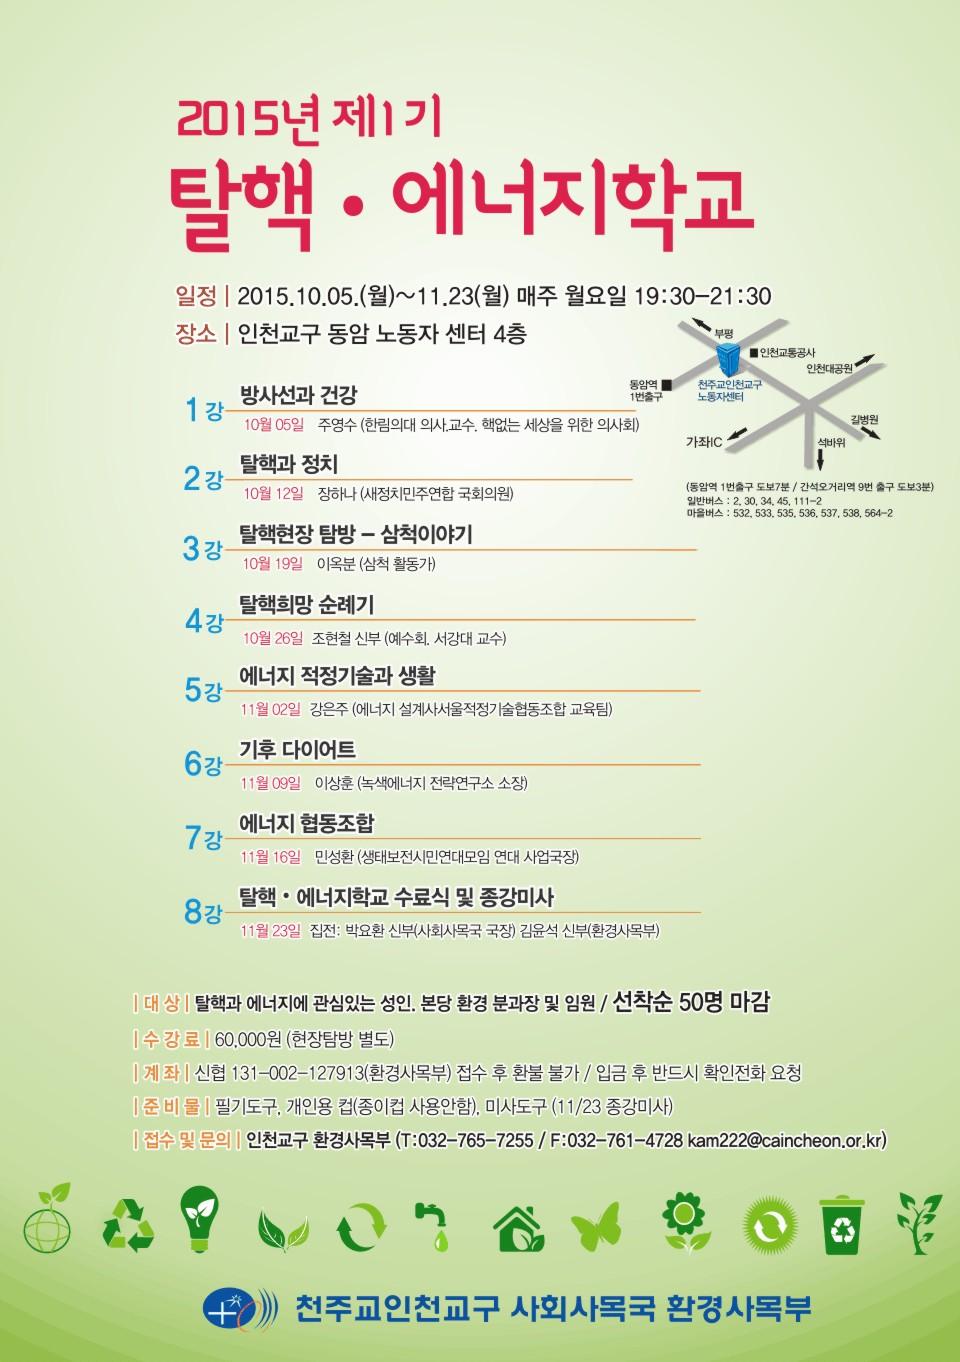 [1기 탈핵에너지 학교] 홍보 포스터 !!